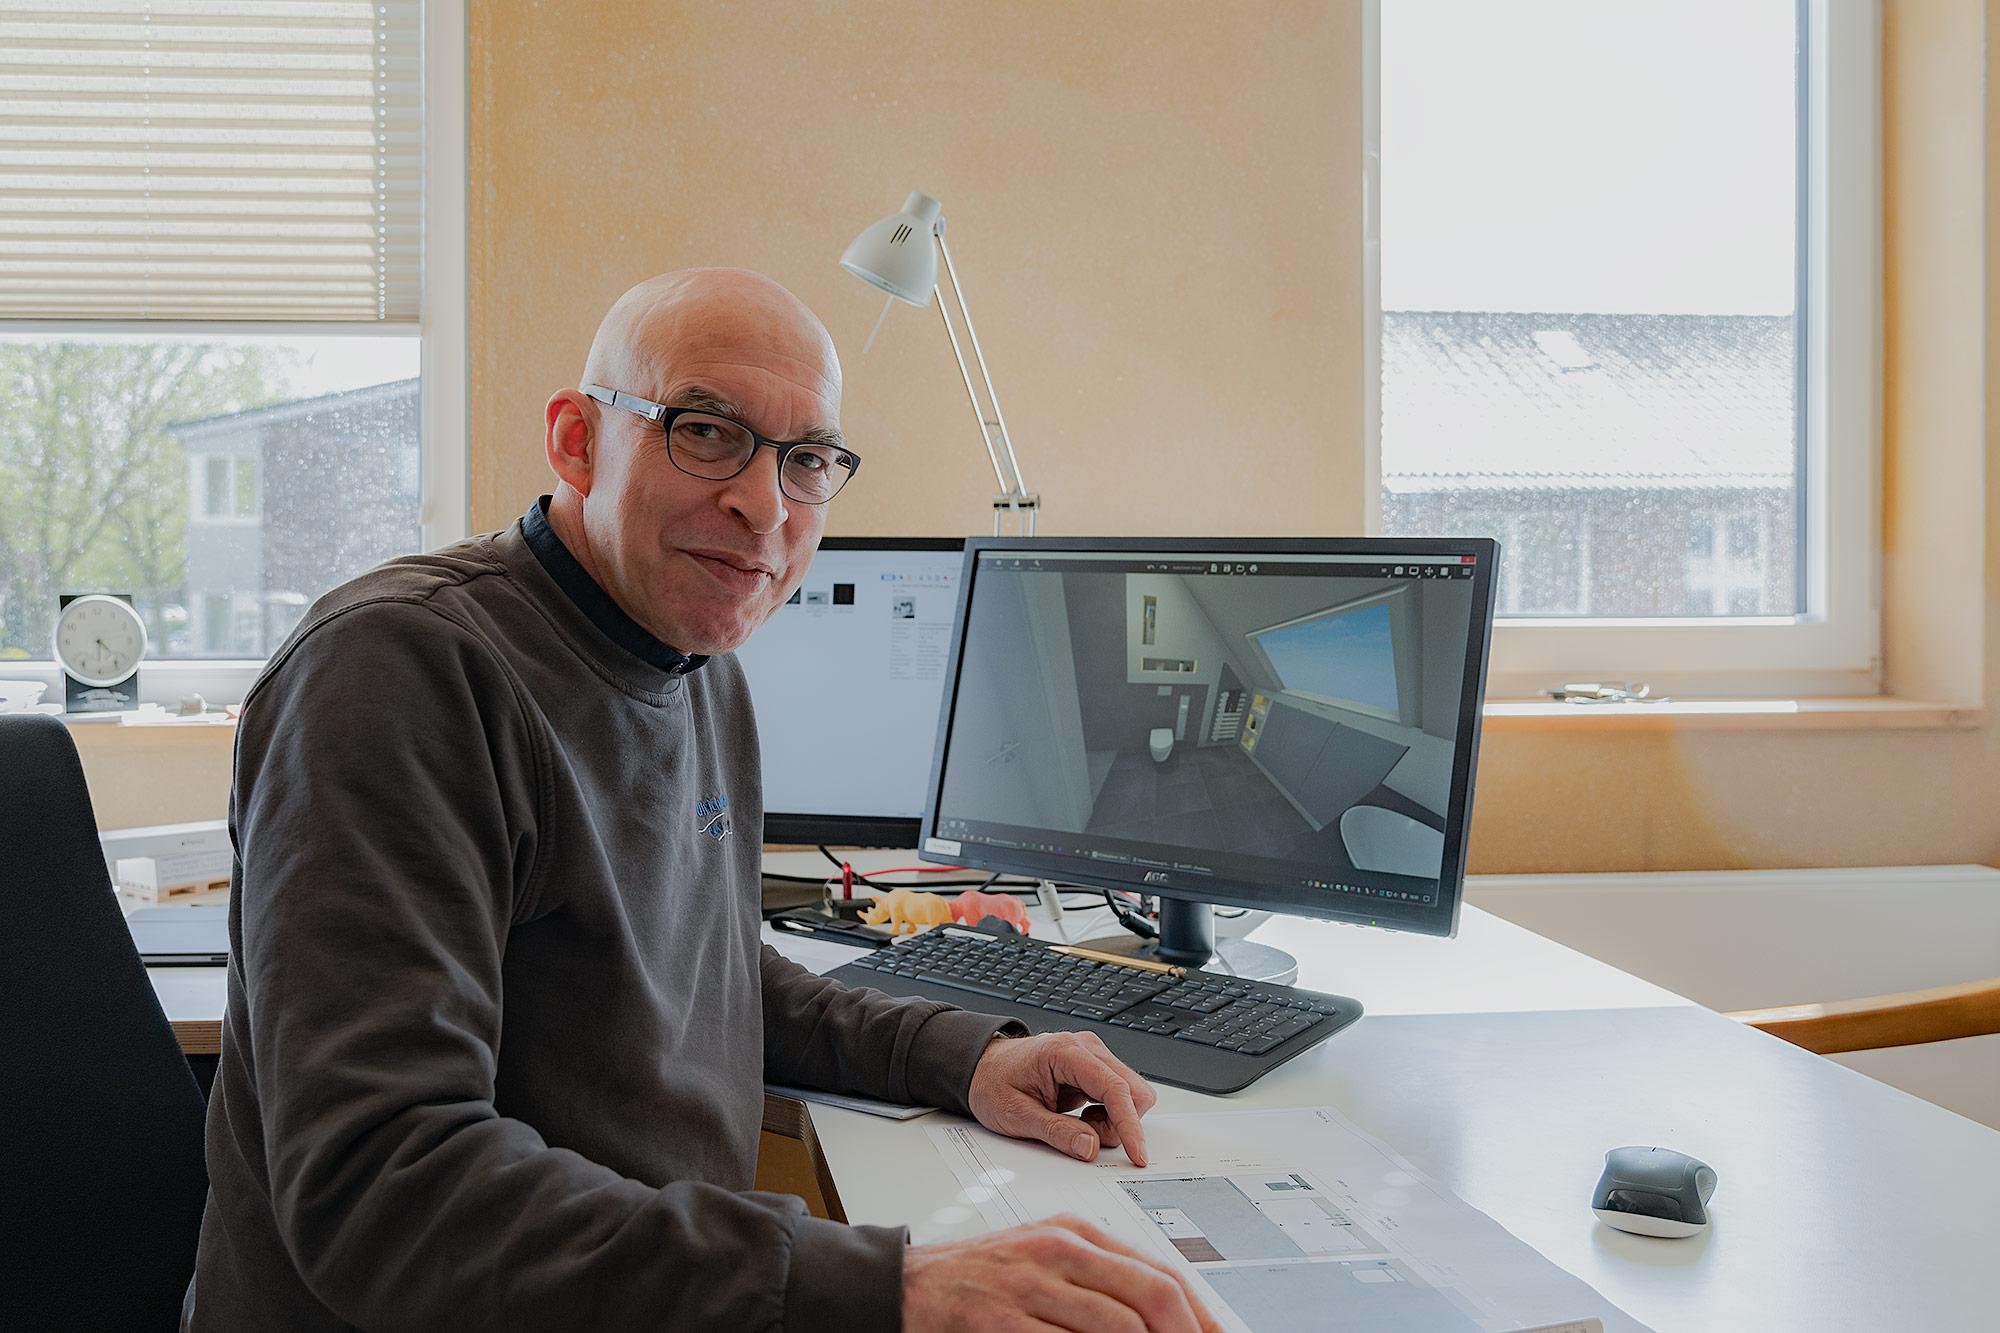 Inhaber Ulrich Mittmann aus Kleve